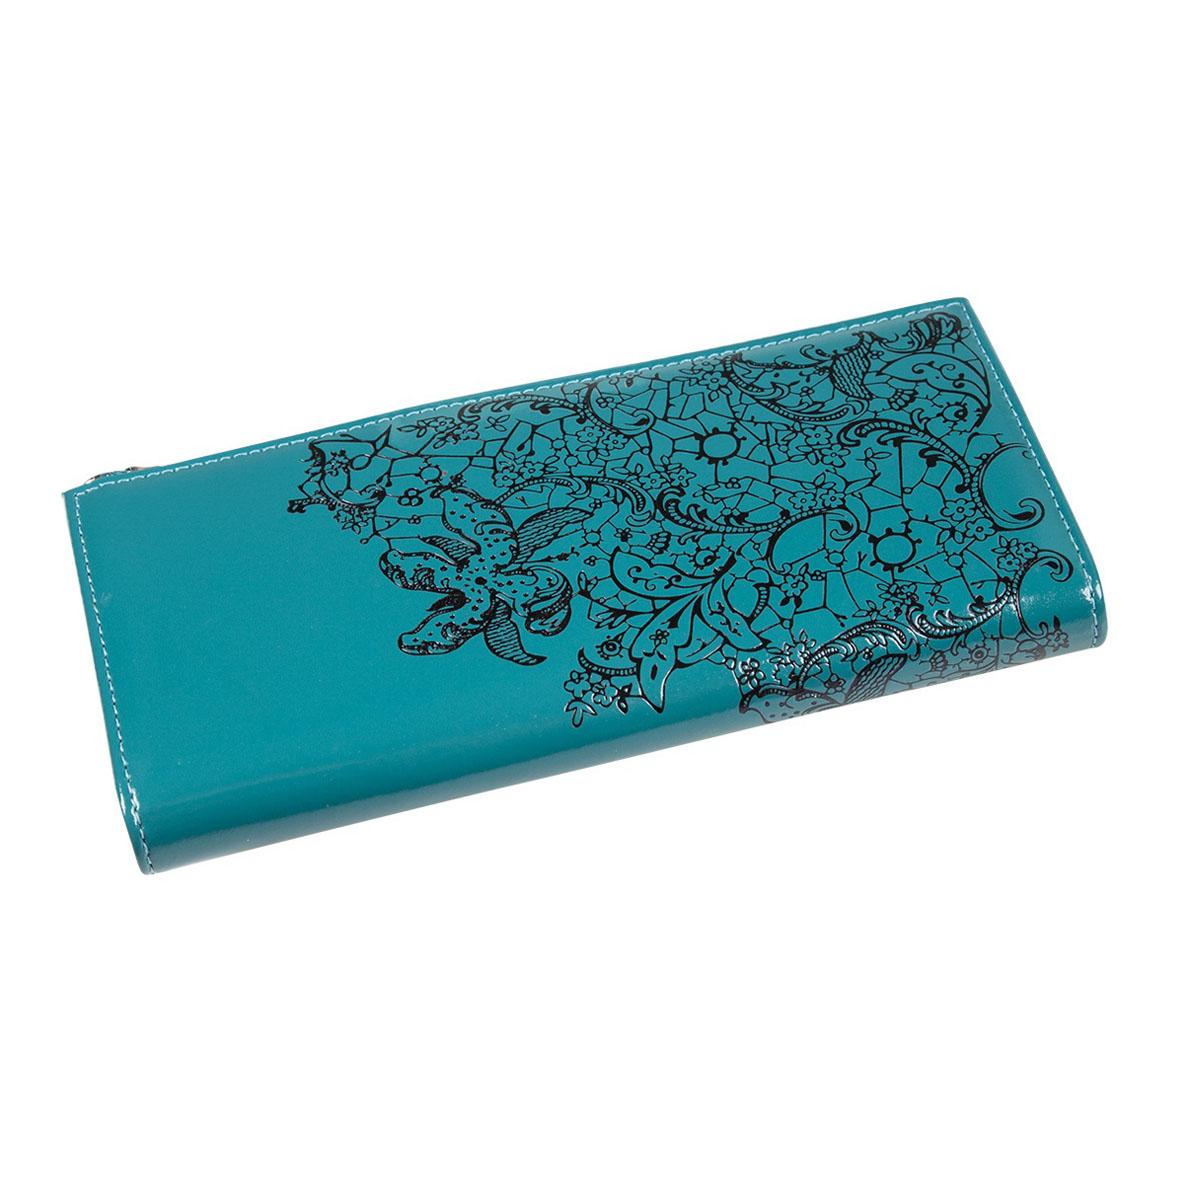 Портмоне женское Befler Гипюр, цвет: бирюзовый, черный. PJ.158.-1PJ.158.-1Портмоне Befler Гипюр выполнено из натуральной лаковой кожи и оформлено тисненым рисунком. Закрывается на молнию. Внутри расположено 3 отделения для купюр, скрытый карман, отделение для мелочи на молнии, накладной карман из кожи для кредитных карт.